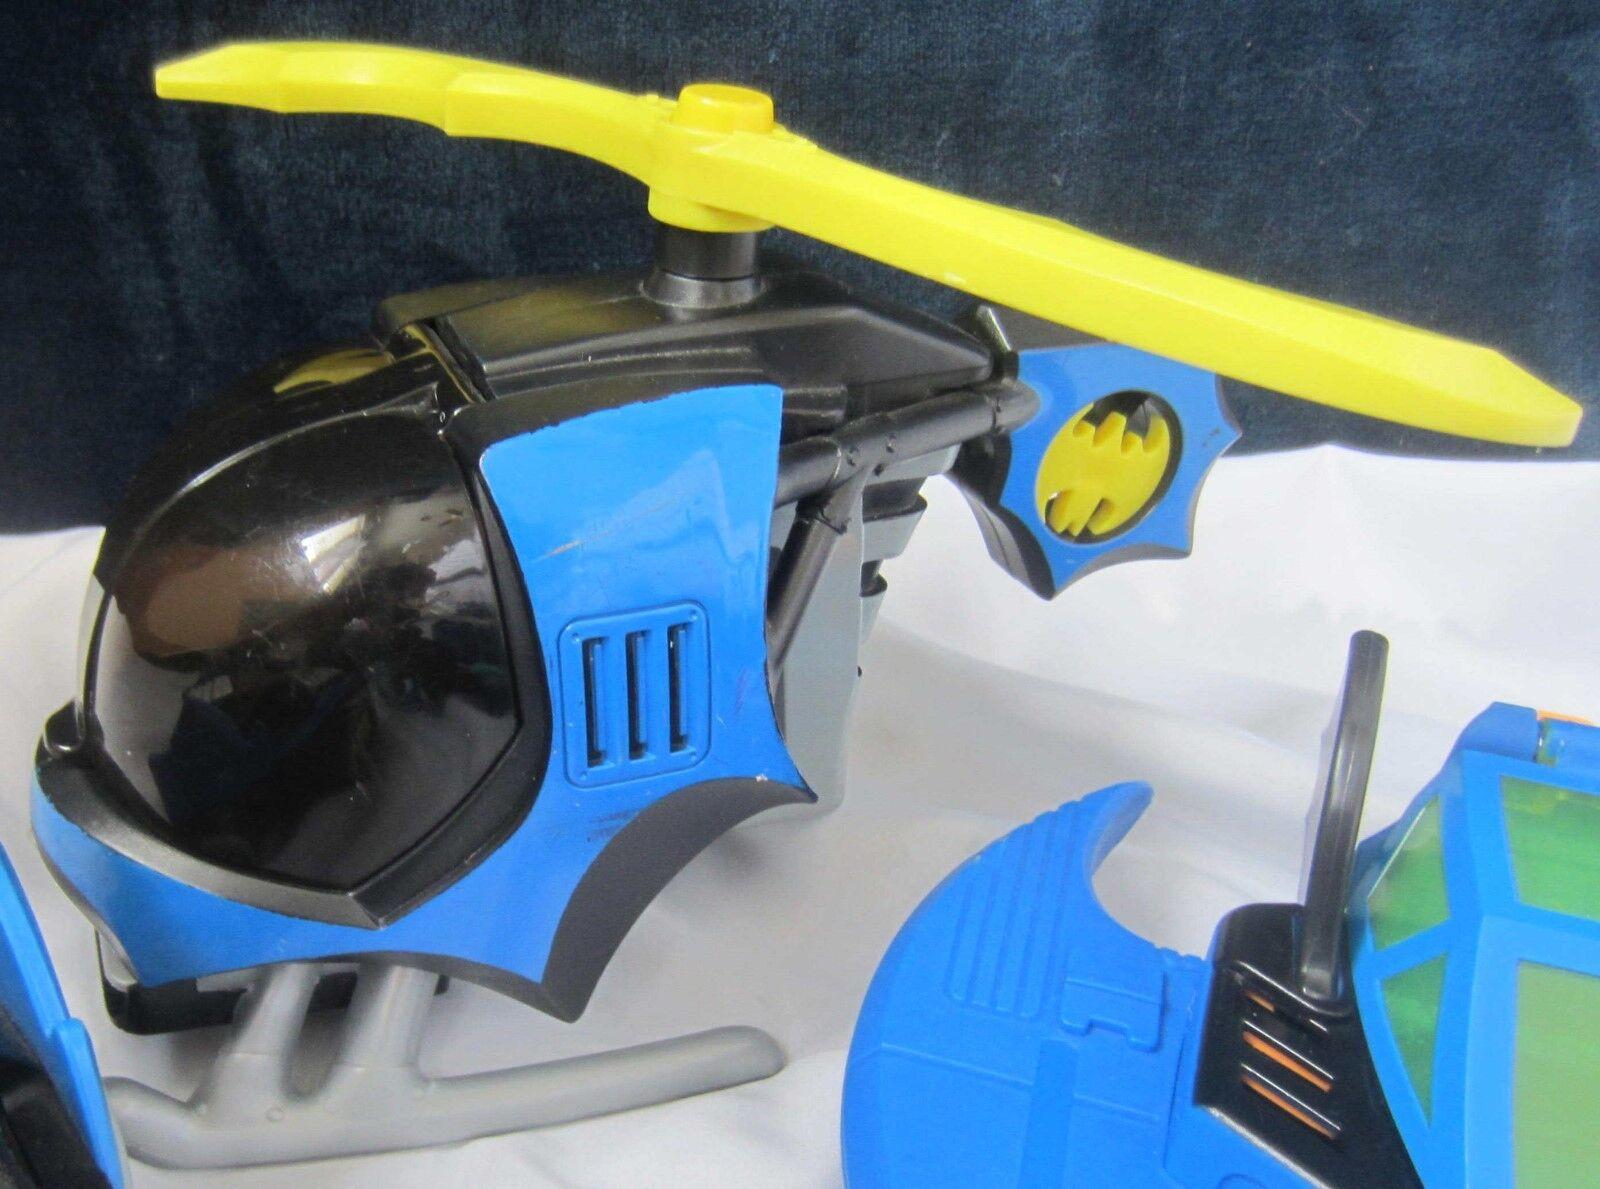 Imaginext DC DC DC Super Friends Batman Transforming Cycle Plane Vehicle Figures Lot e4741c